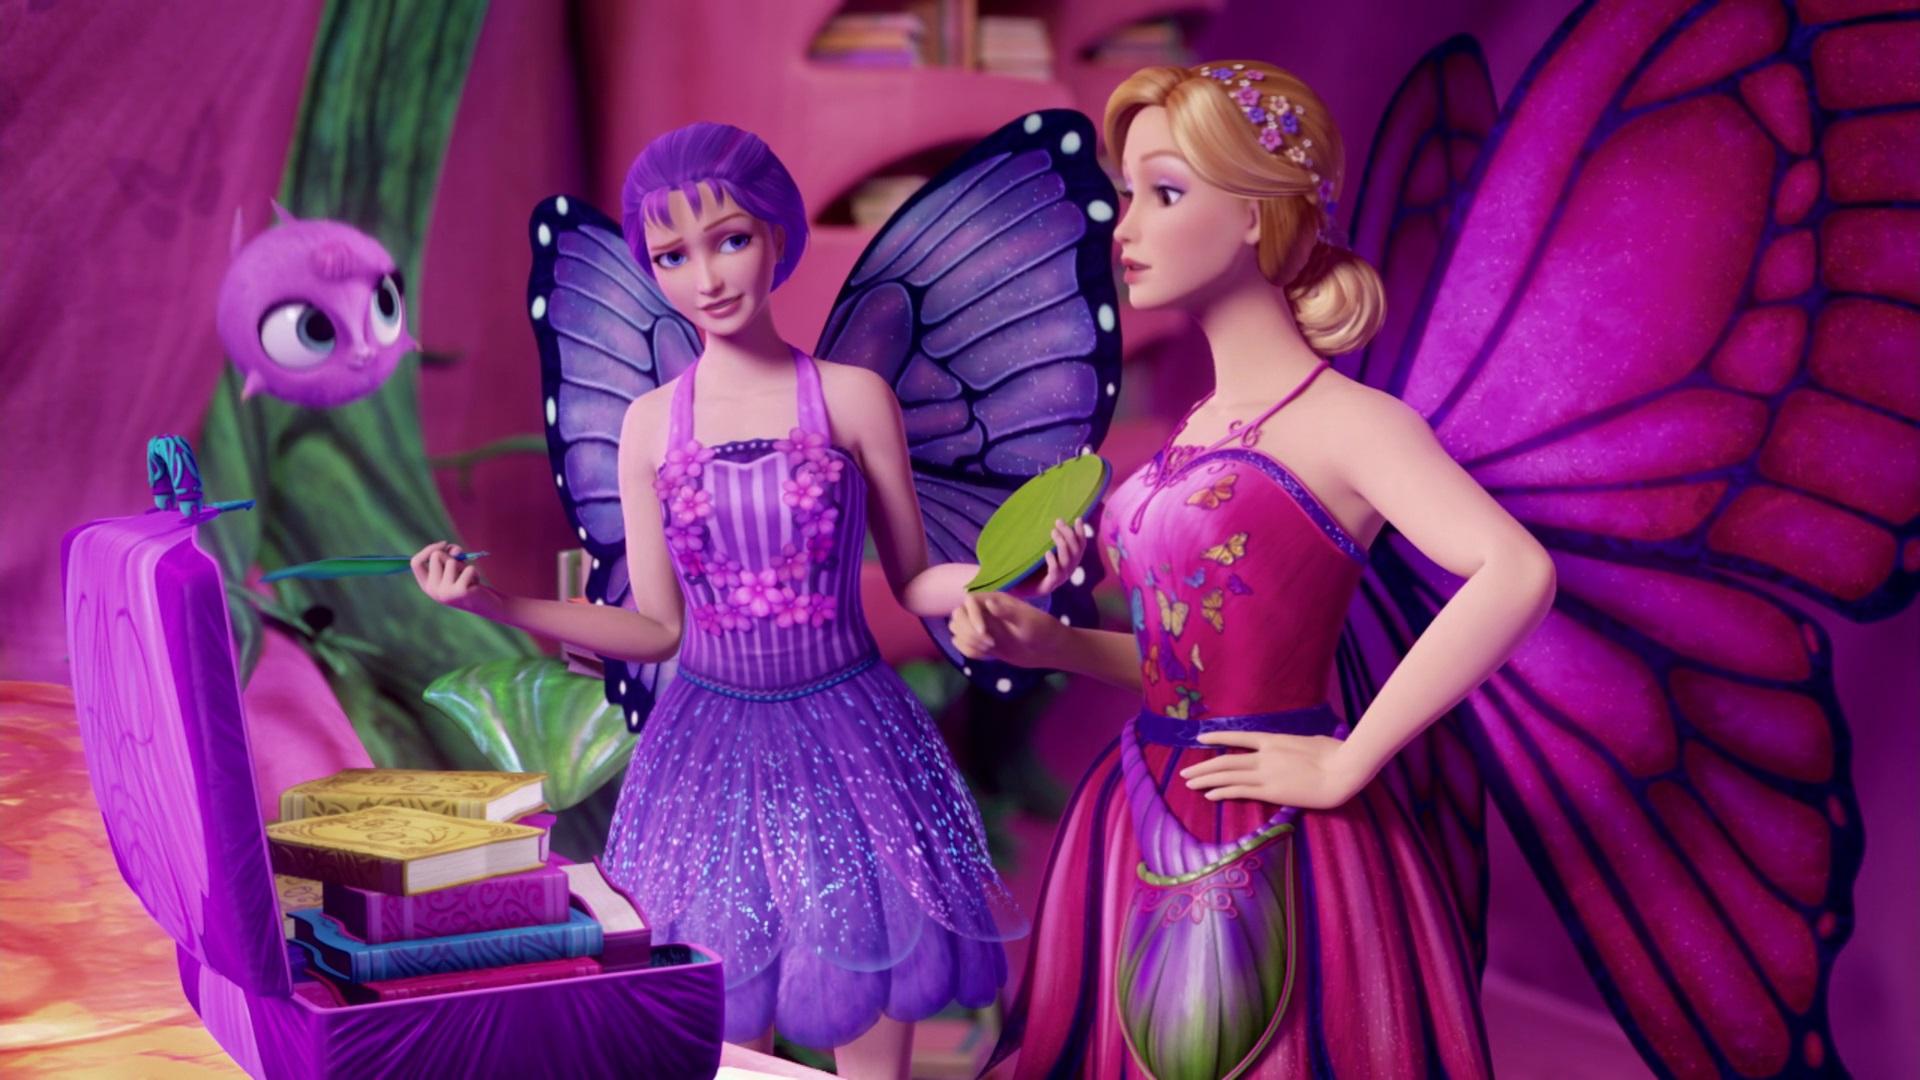 Barbie fairies wallpapers